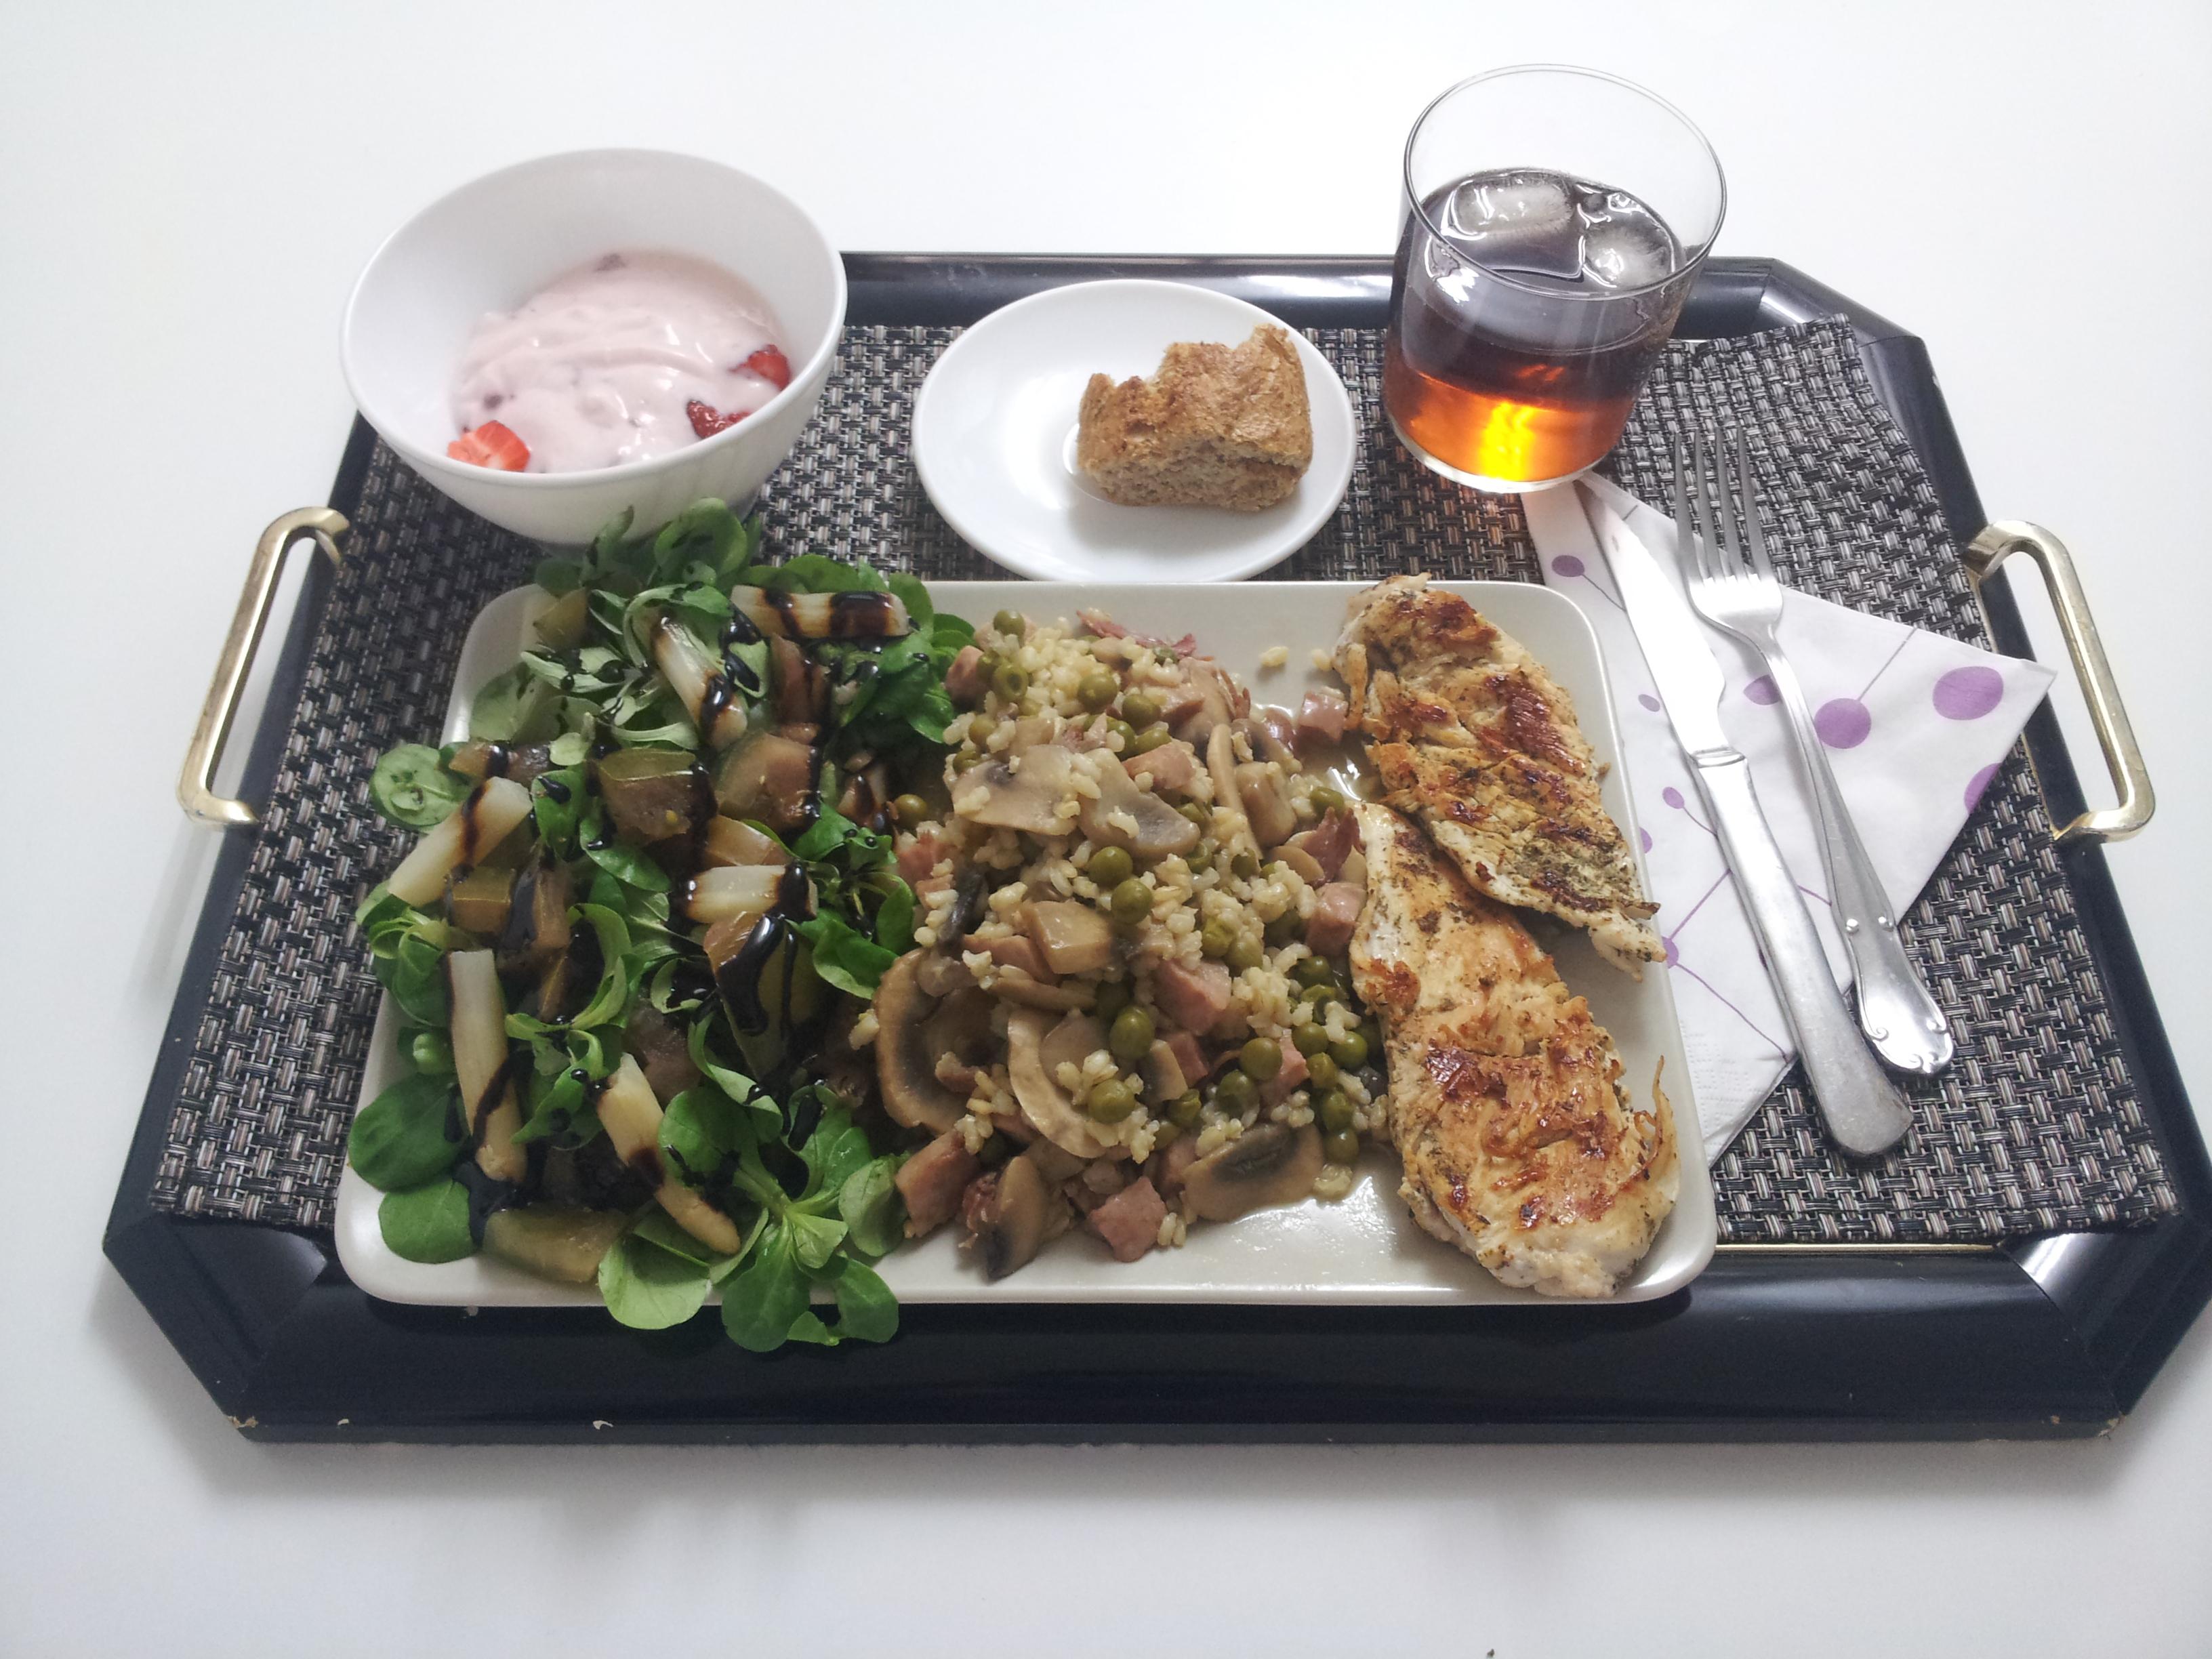 Comida sana, comida saludable, comida fitness